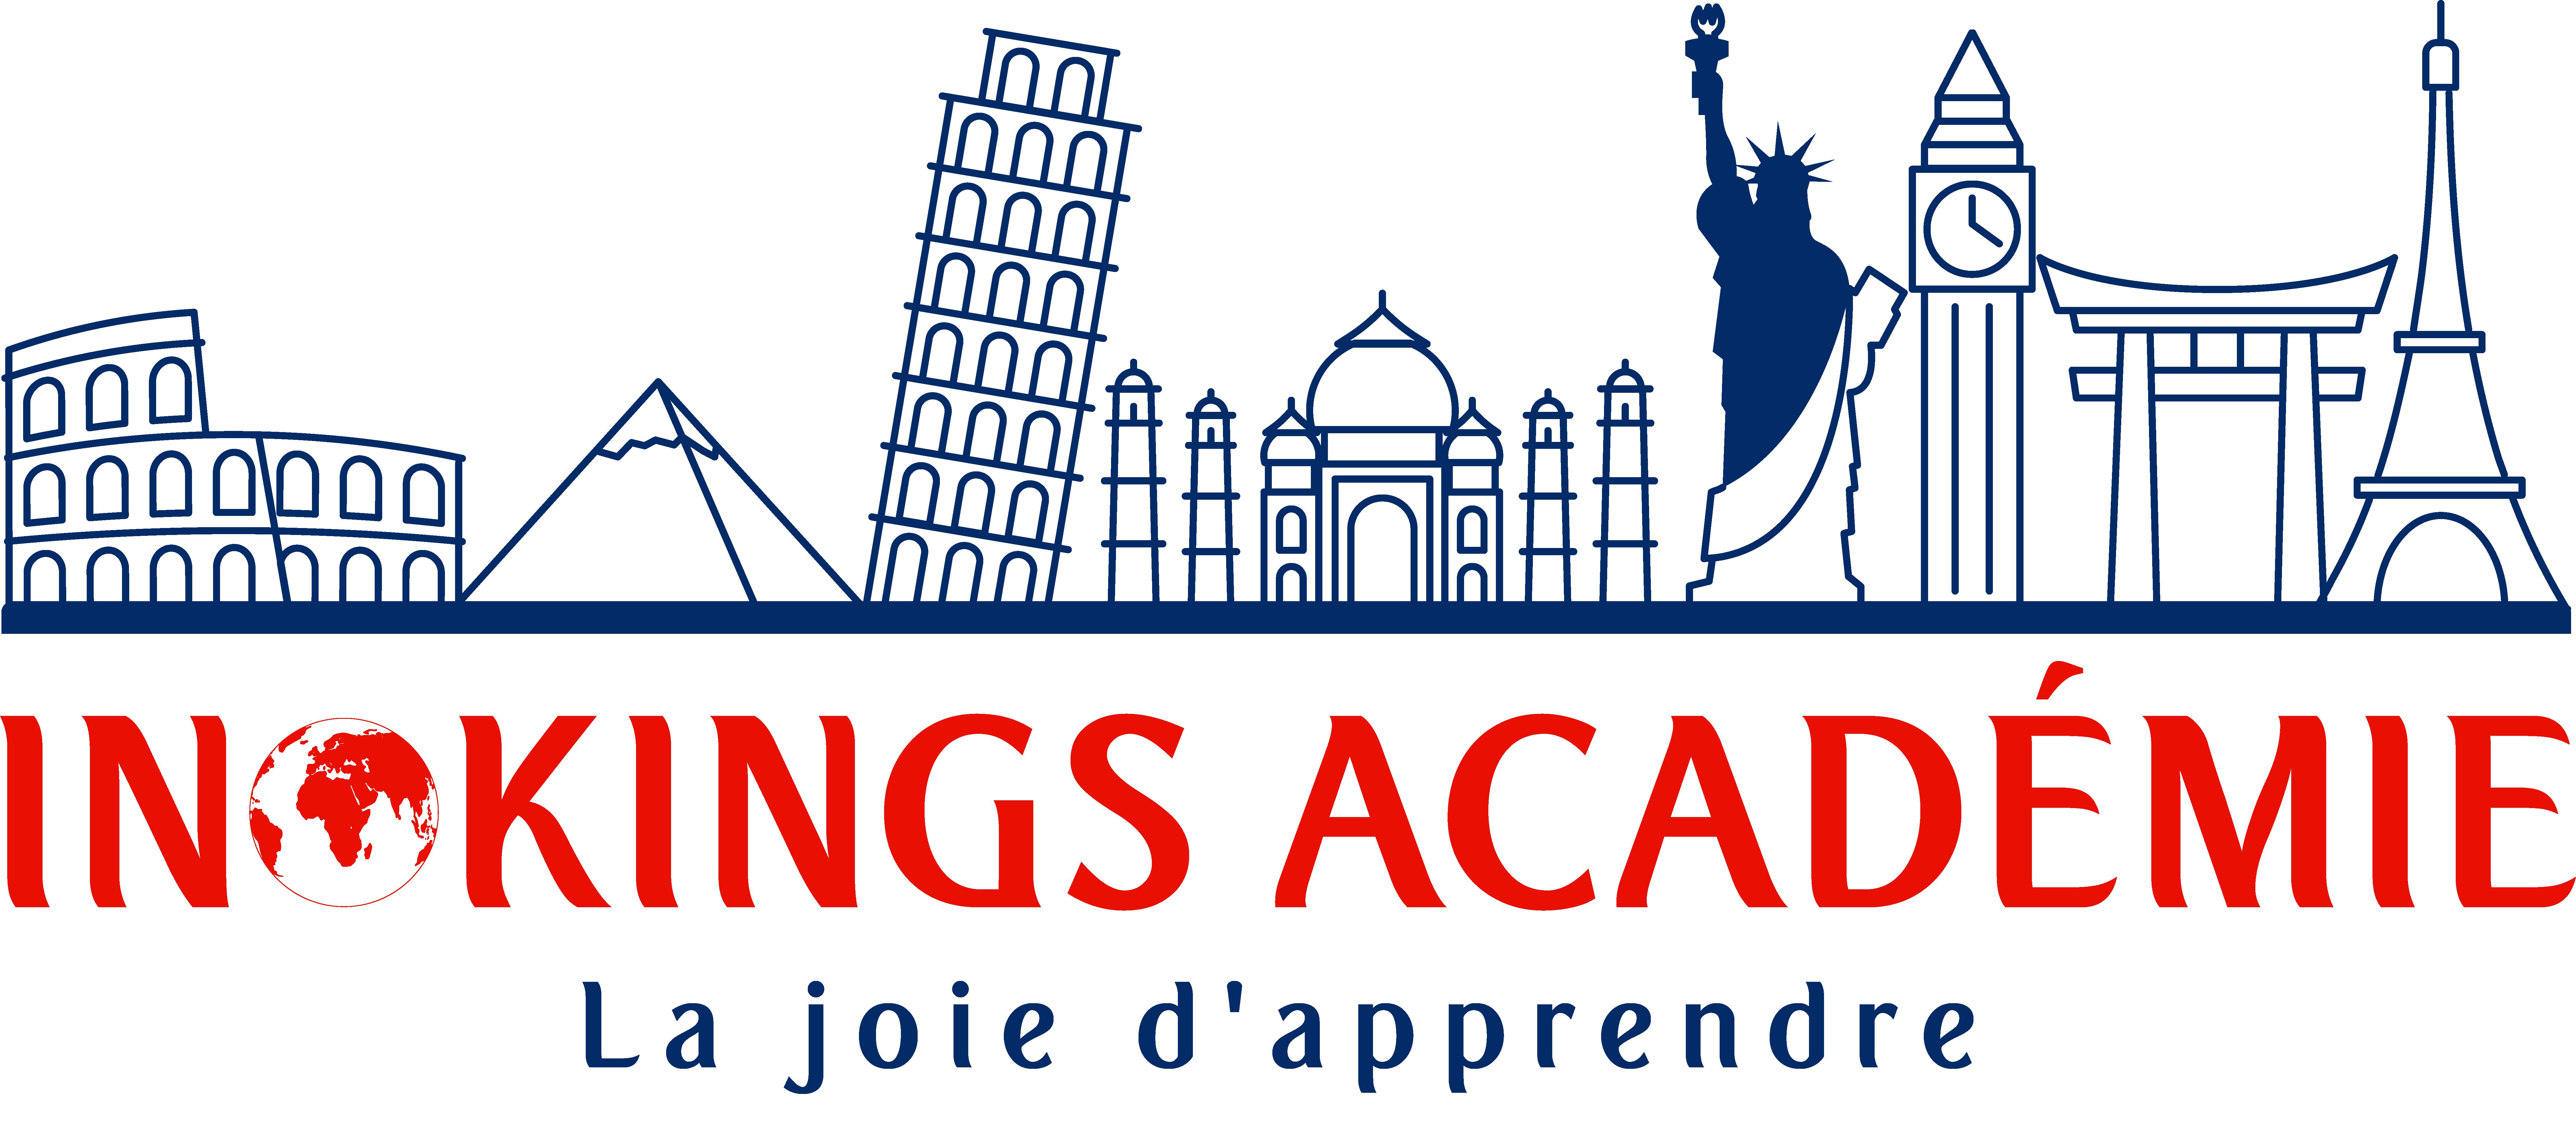 InoKings Académie